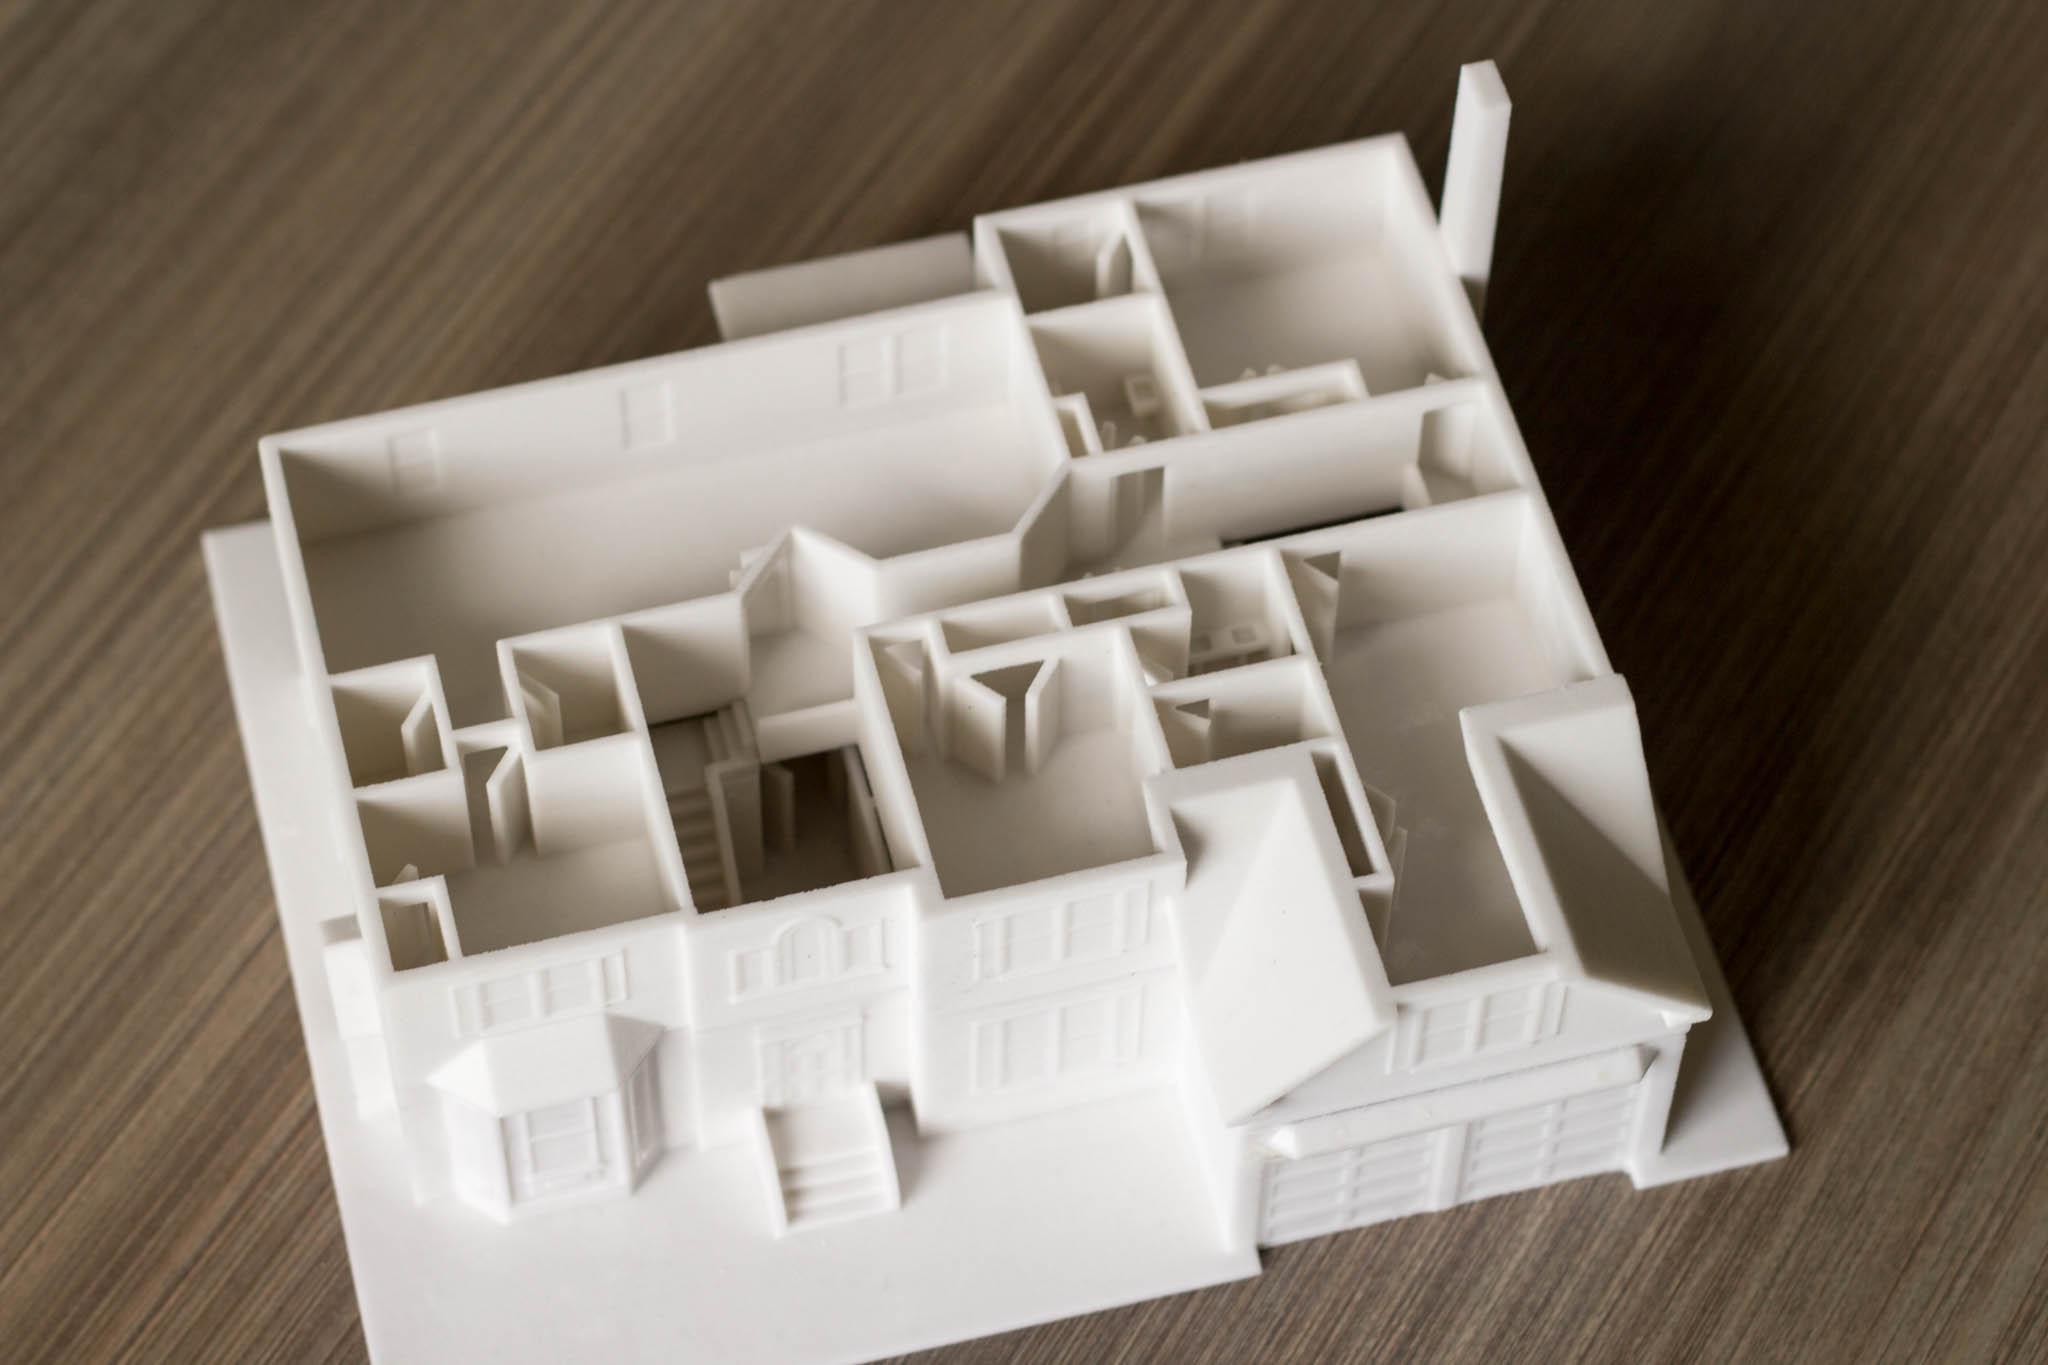 3D Printed Floor Plan